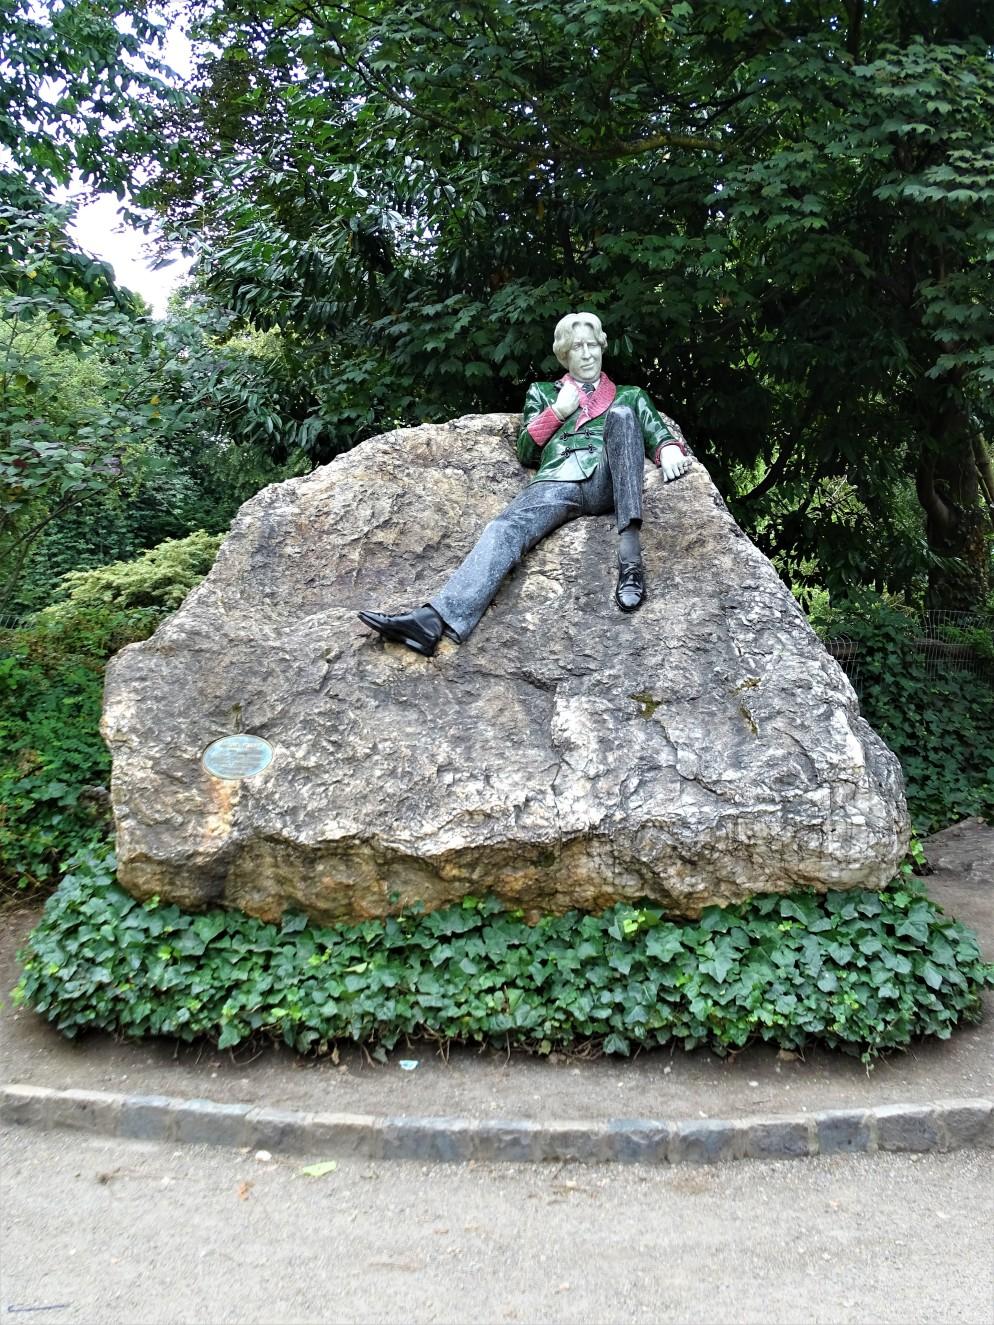 Memorial to Oscar Wilde's life